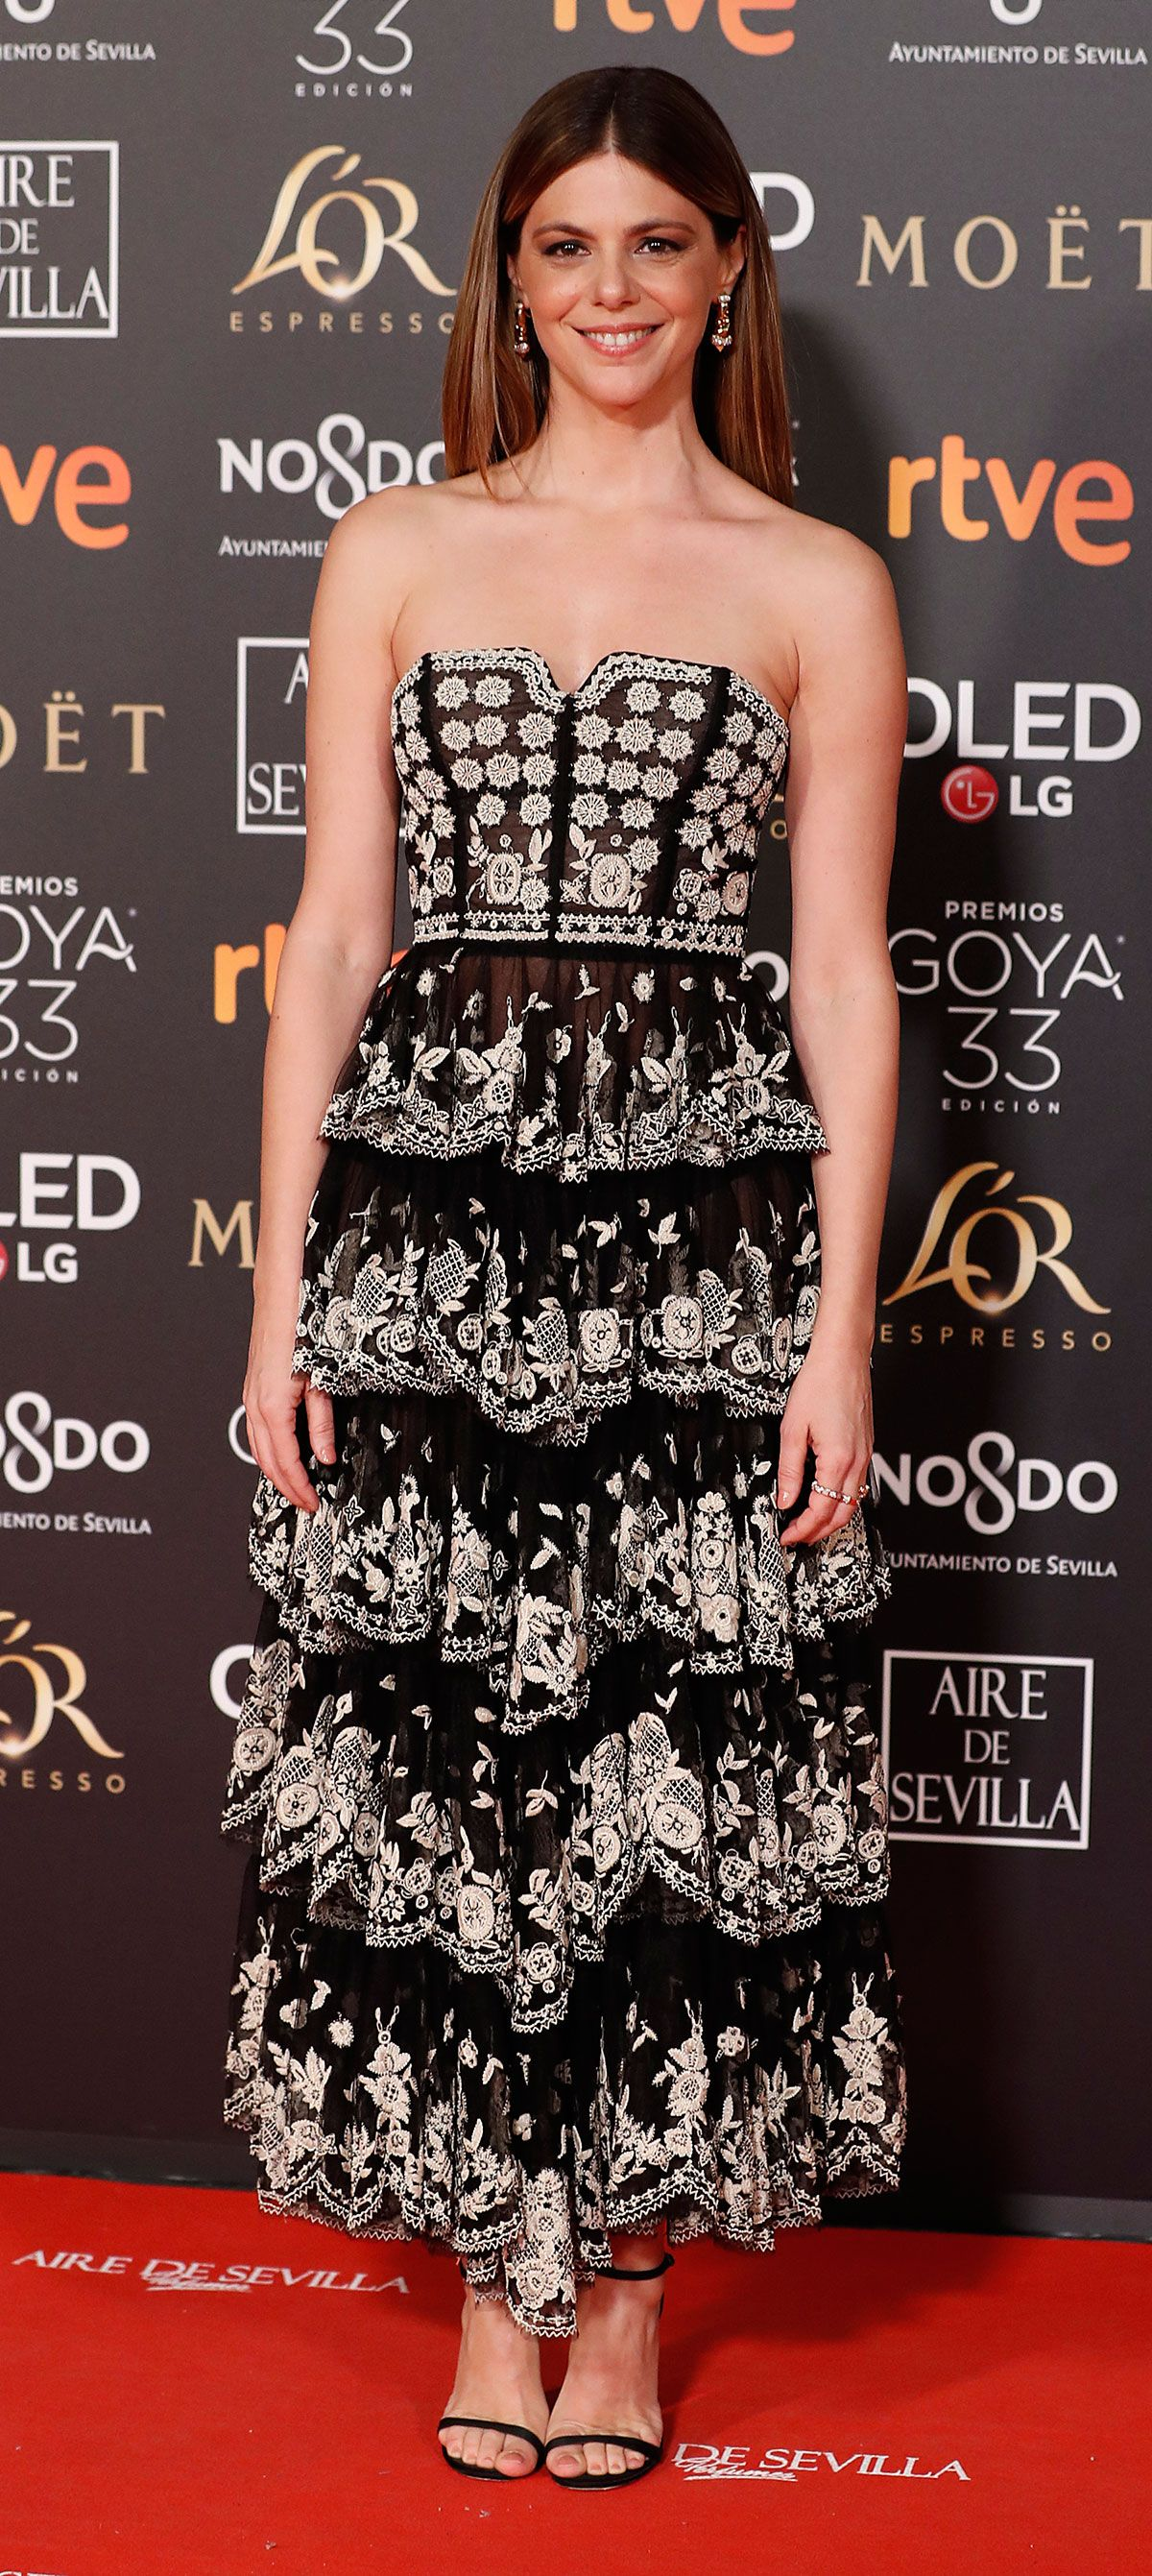 390a2c4cf Todos los looks de la alfombra roja de los premios Goya 2019